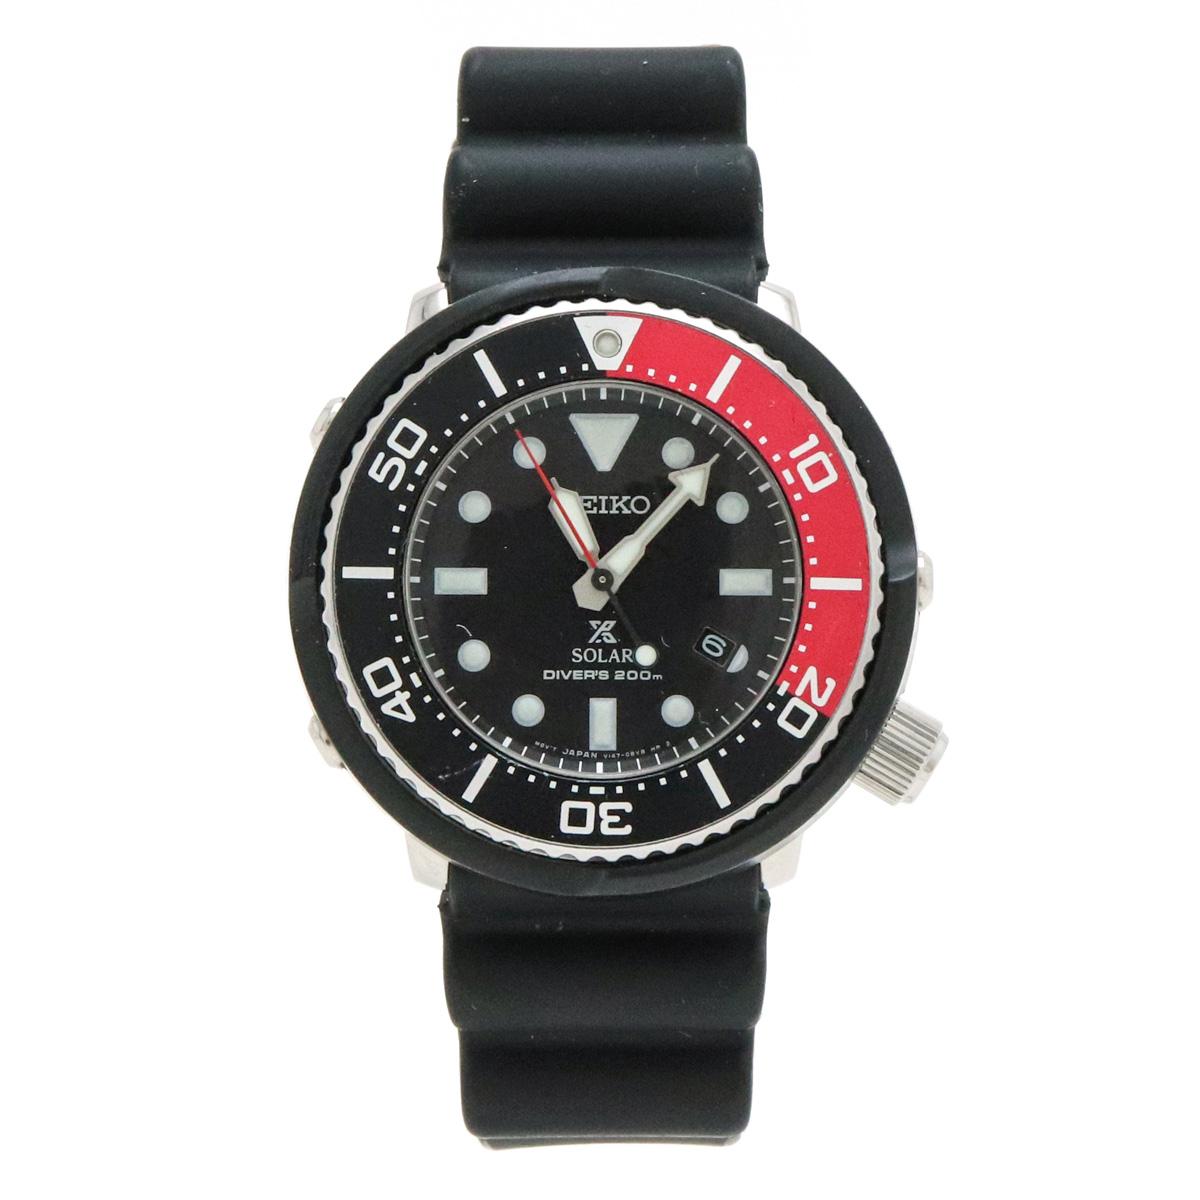 【ウォッチ】SEIKO セイコー PROSPEX プロスペックス ダイバーズ 200m デイト ブラック文字盤 限定モデル メンズ ソーラー 腕時計 V147-0BN0 SBDN053 【中古】